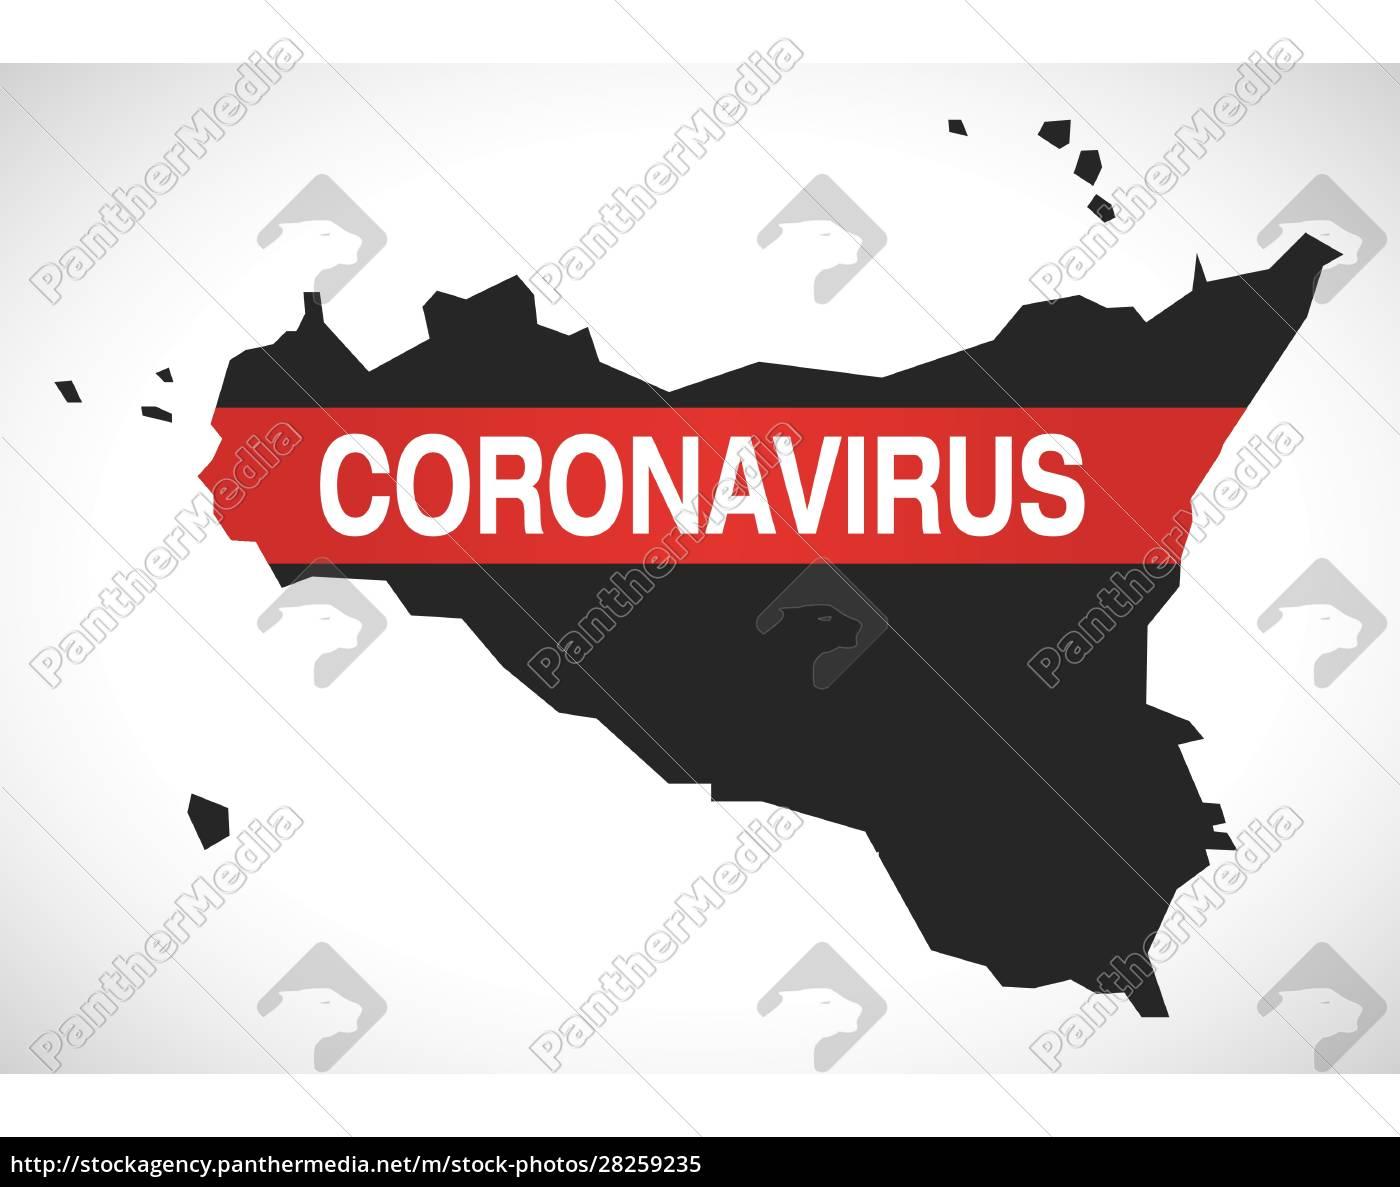 sicily, italy, region, map, with, coronavirus - 28259235